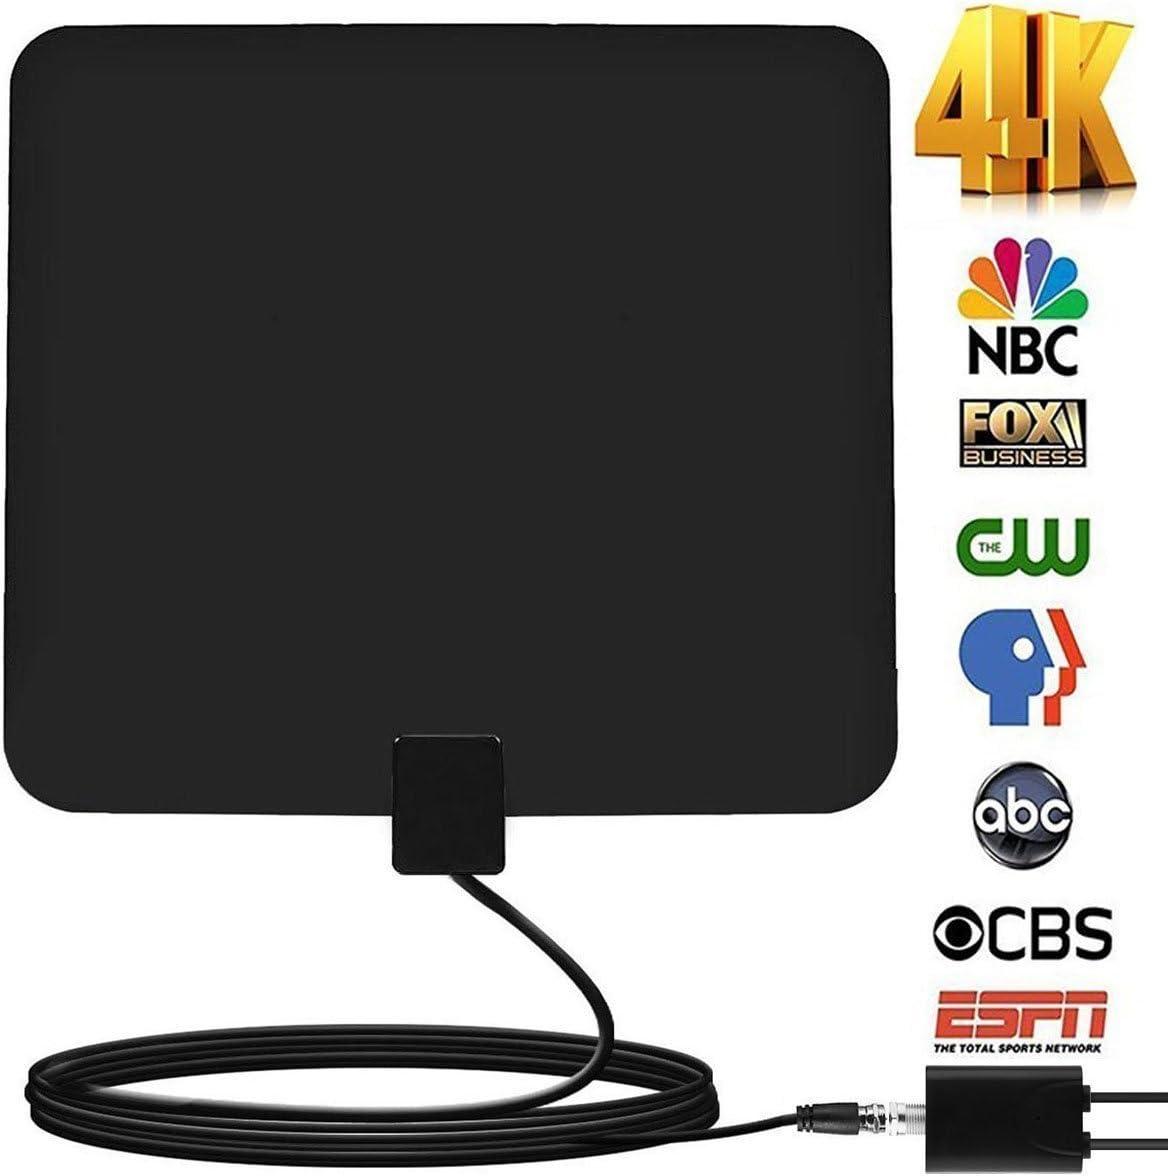 OKAONE Antena HDTV para Interiores 2019 Antena de TV Digital actualizada de 50 a 85 Millas de Largo Alcance con Amplificador de señal para Canales de TV 1080P 4K, Cable coaxial Amplificado